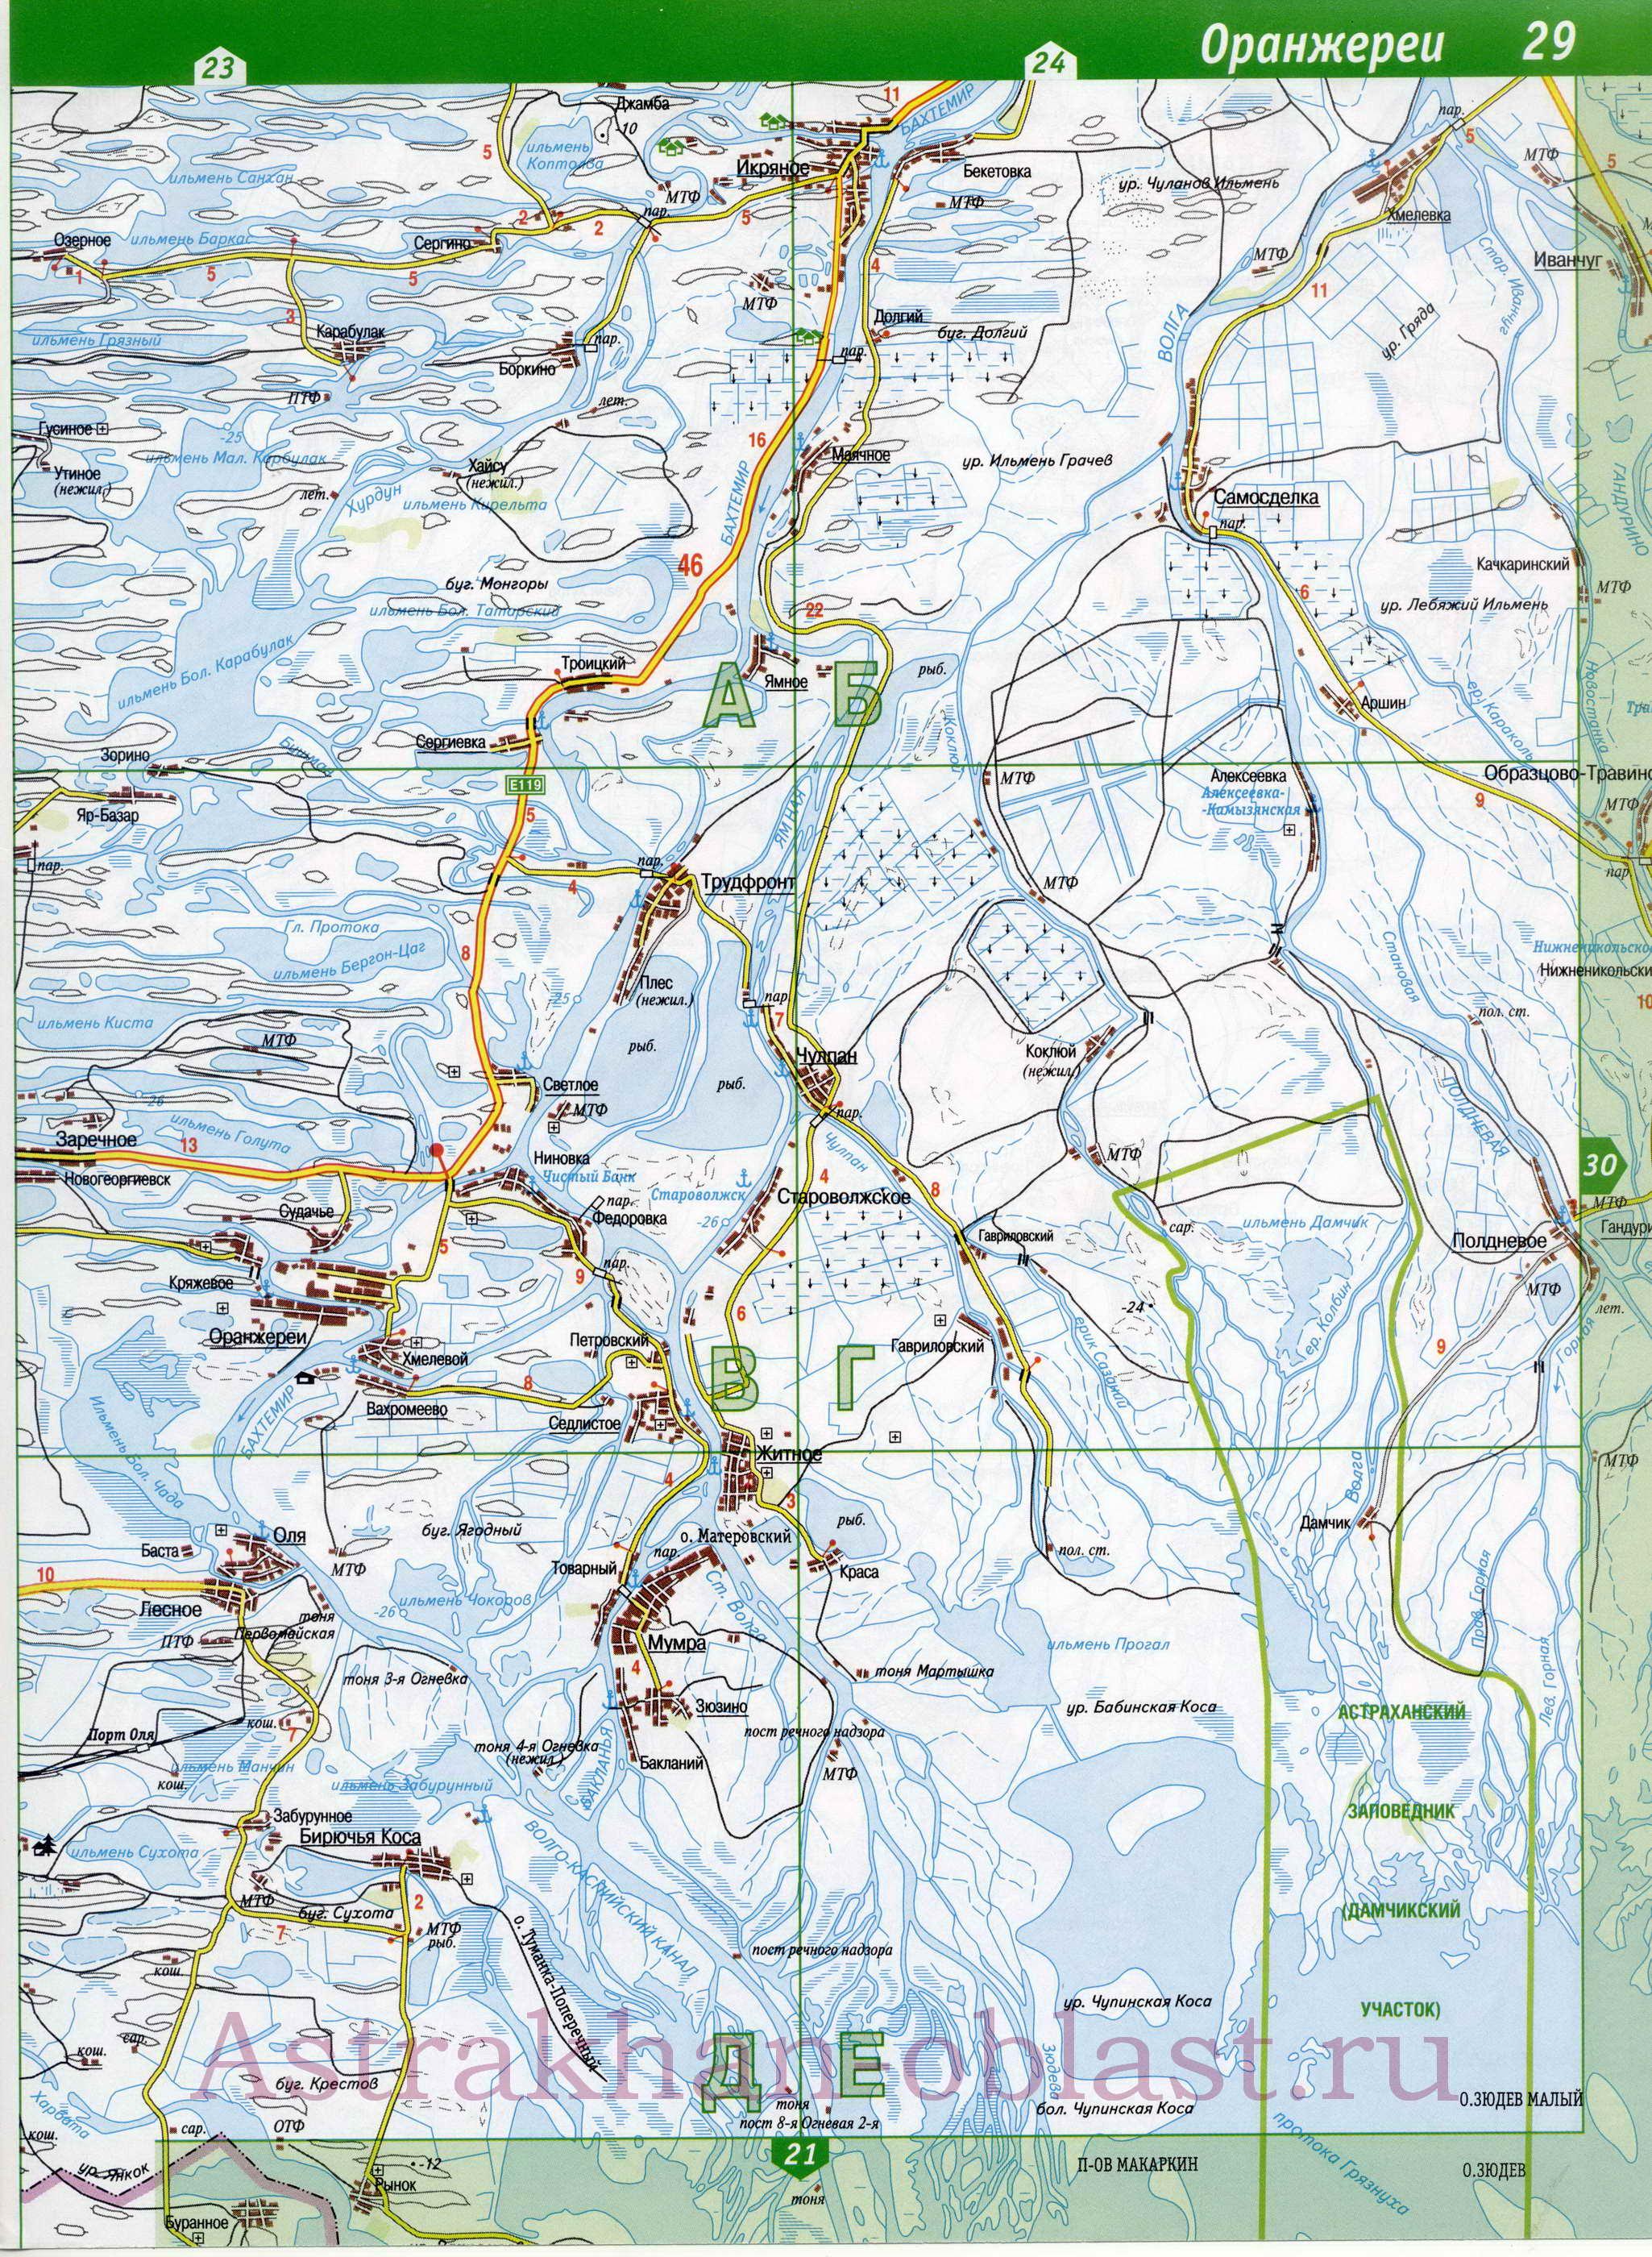 топографическая карта астраханской области подробная для рыбака